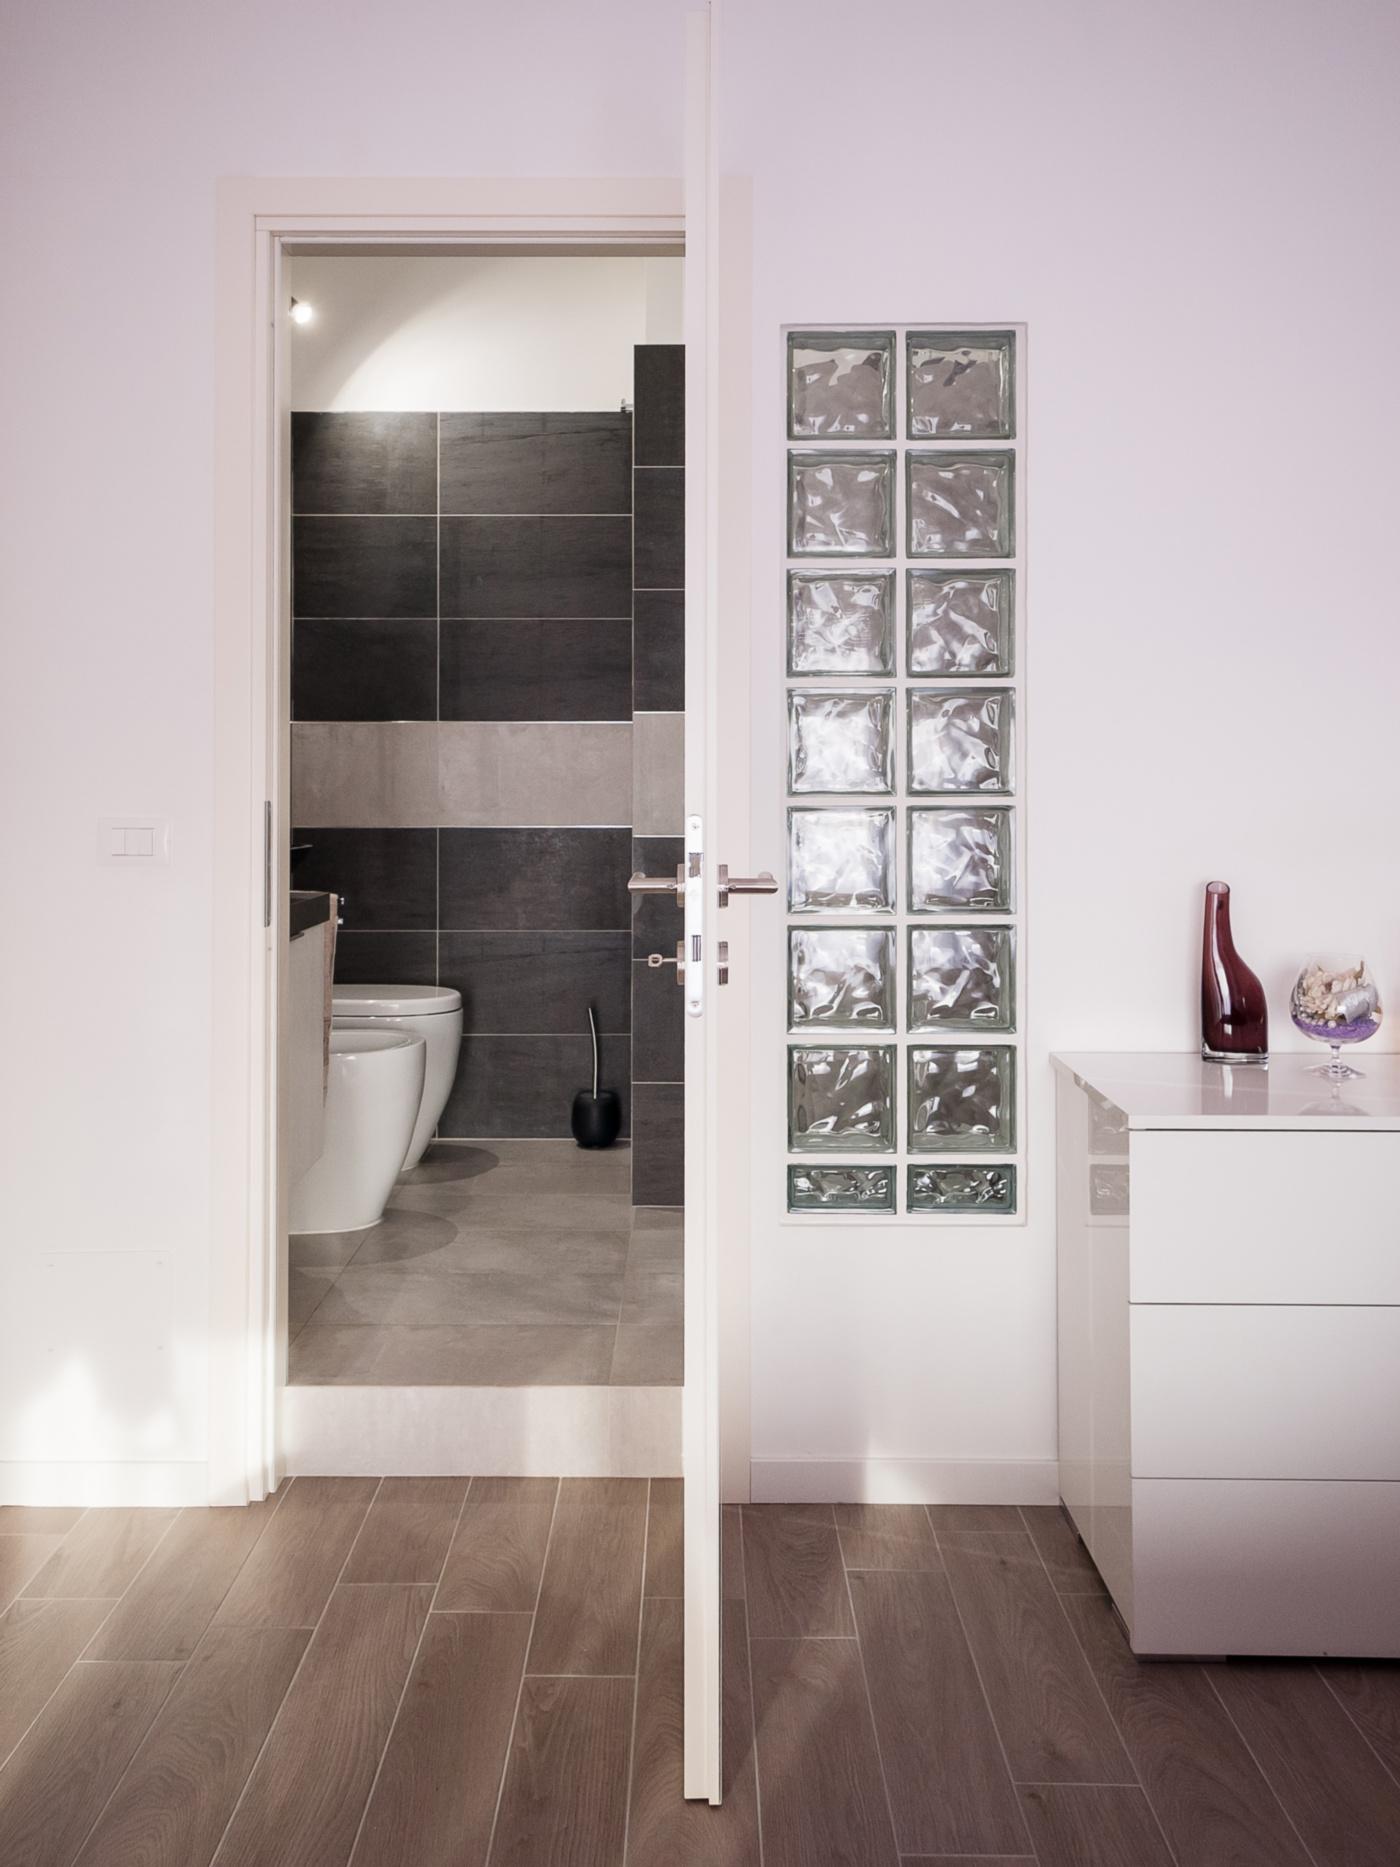 Una ristrutturazione che moltiplica gli spazi in un'appartamento degli anni '70. Il vetrocemento porta luce al bagno privato, con un tocco di seduzione | Bottega di Architettura